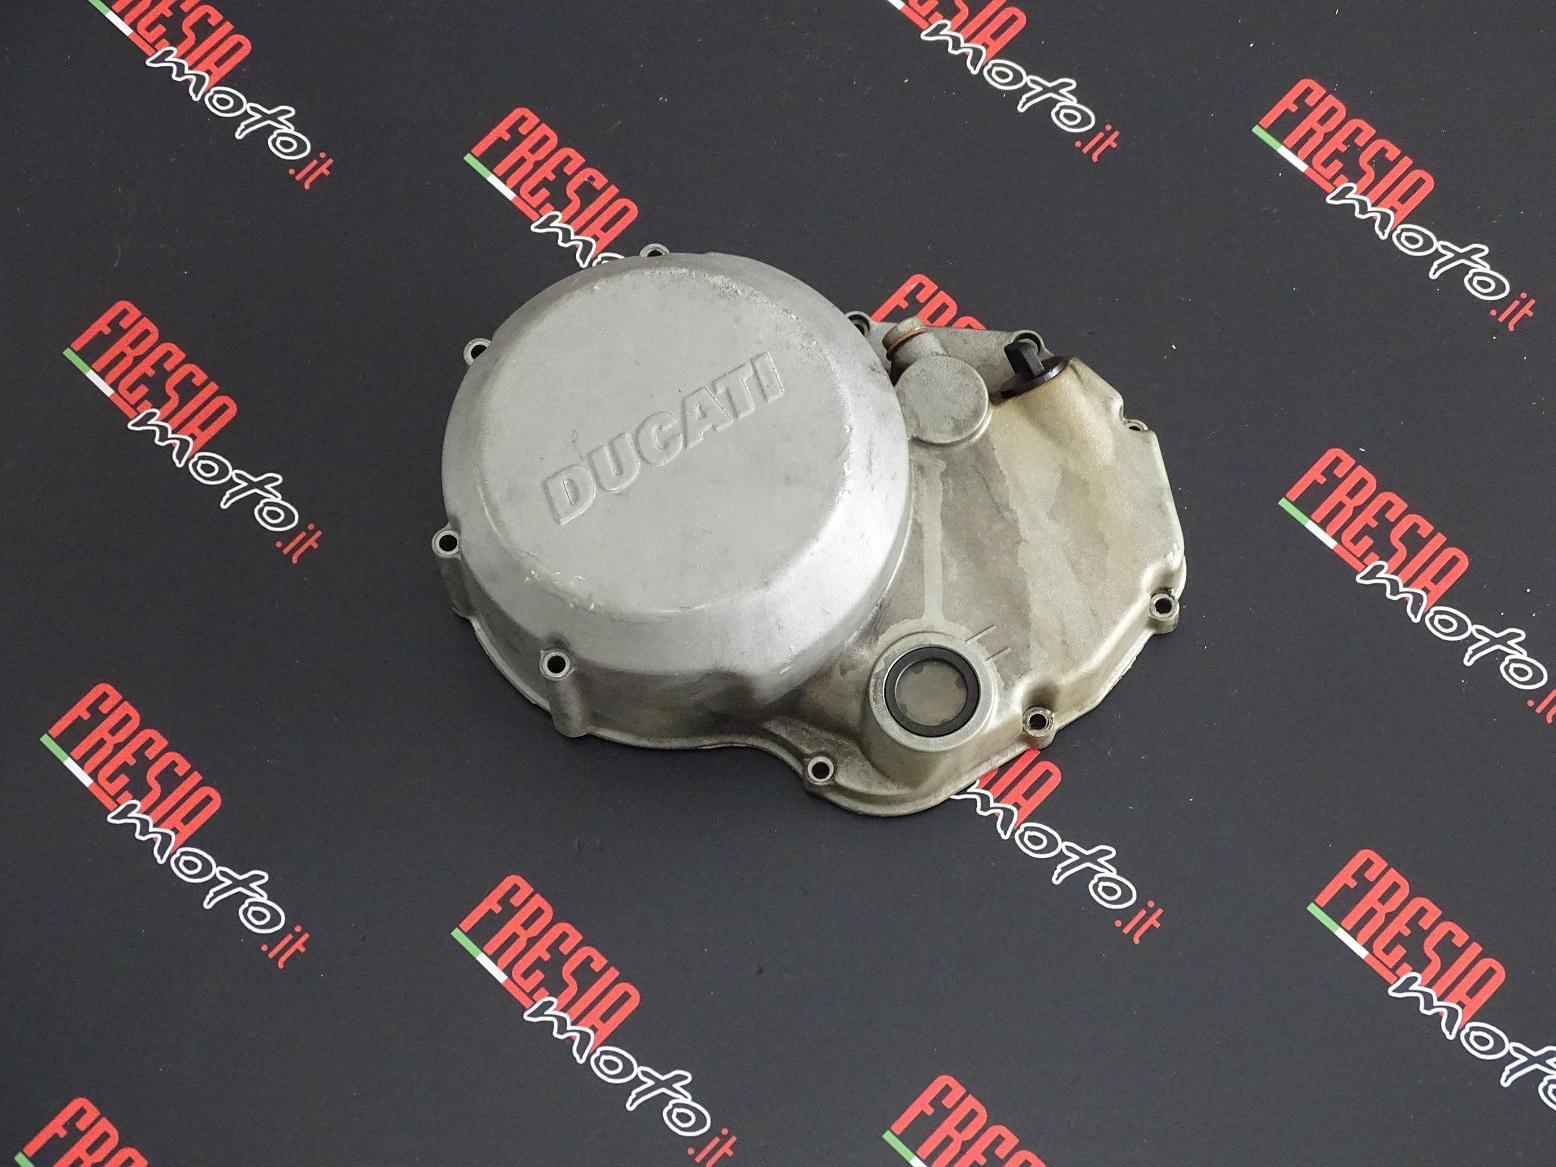 COPERCHIO MOTORE USATO DUCATI MONSTER 600 cc DARK ANNO 2000